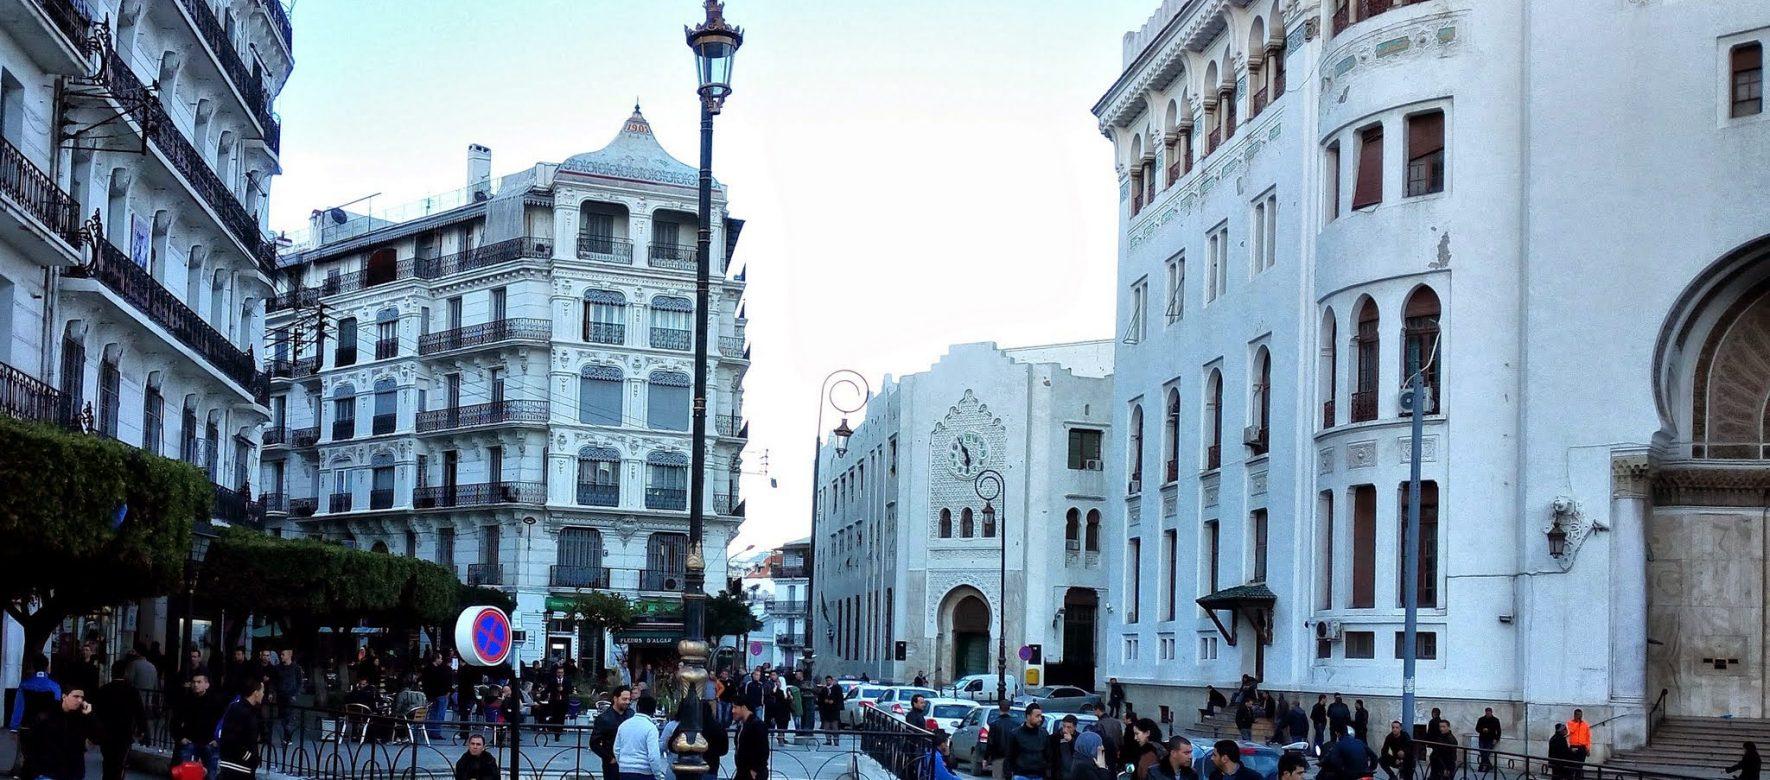 L'Algérie entame les préparatifs pour le référendum populaire sur l'amendement constitutionnel